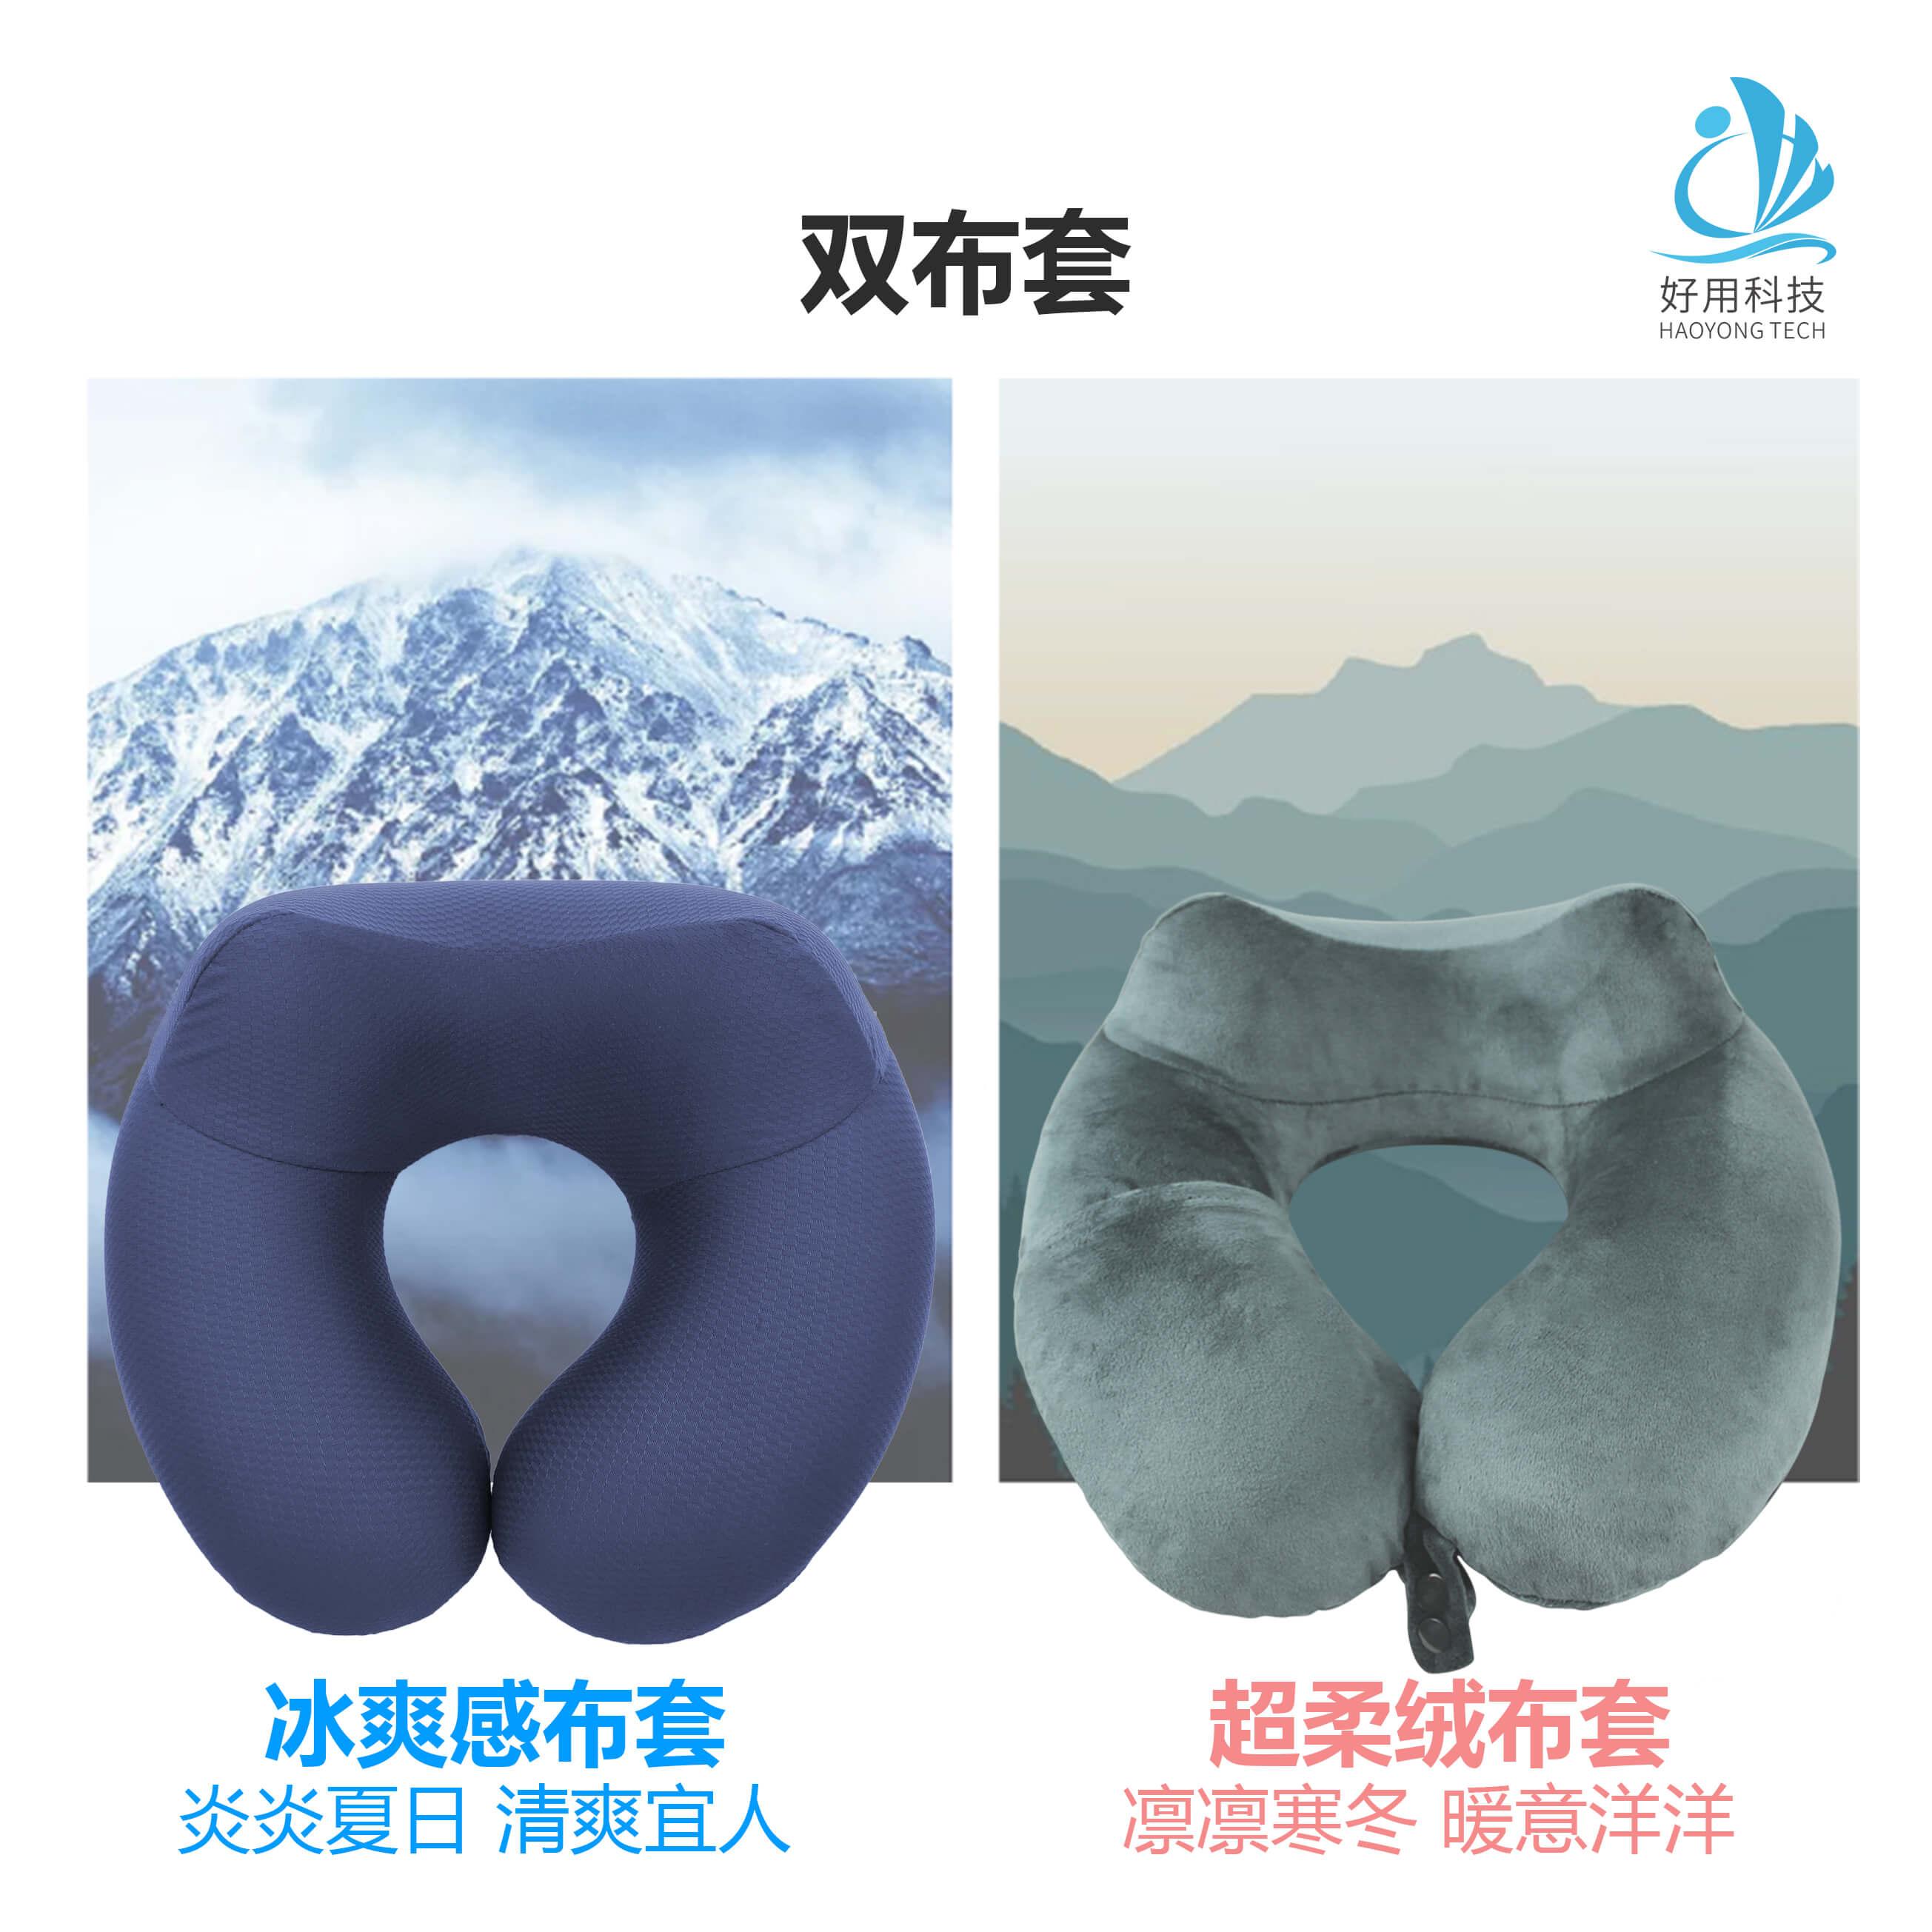 太空记忆棉U形枕供应商_记忆u形枕相关-广州好用科技有限公司